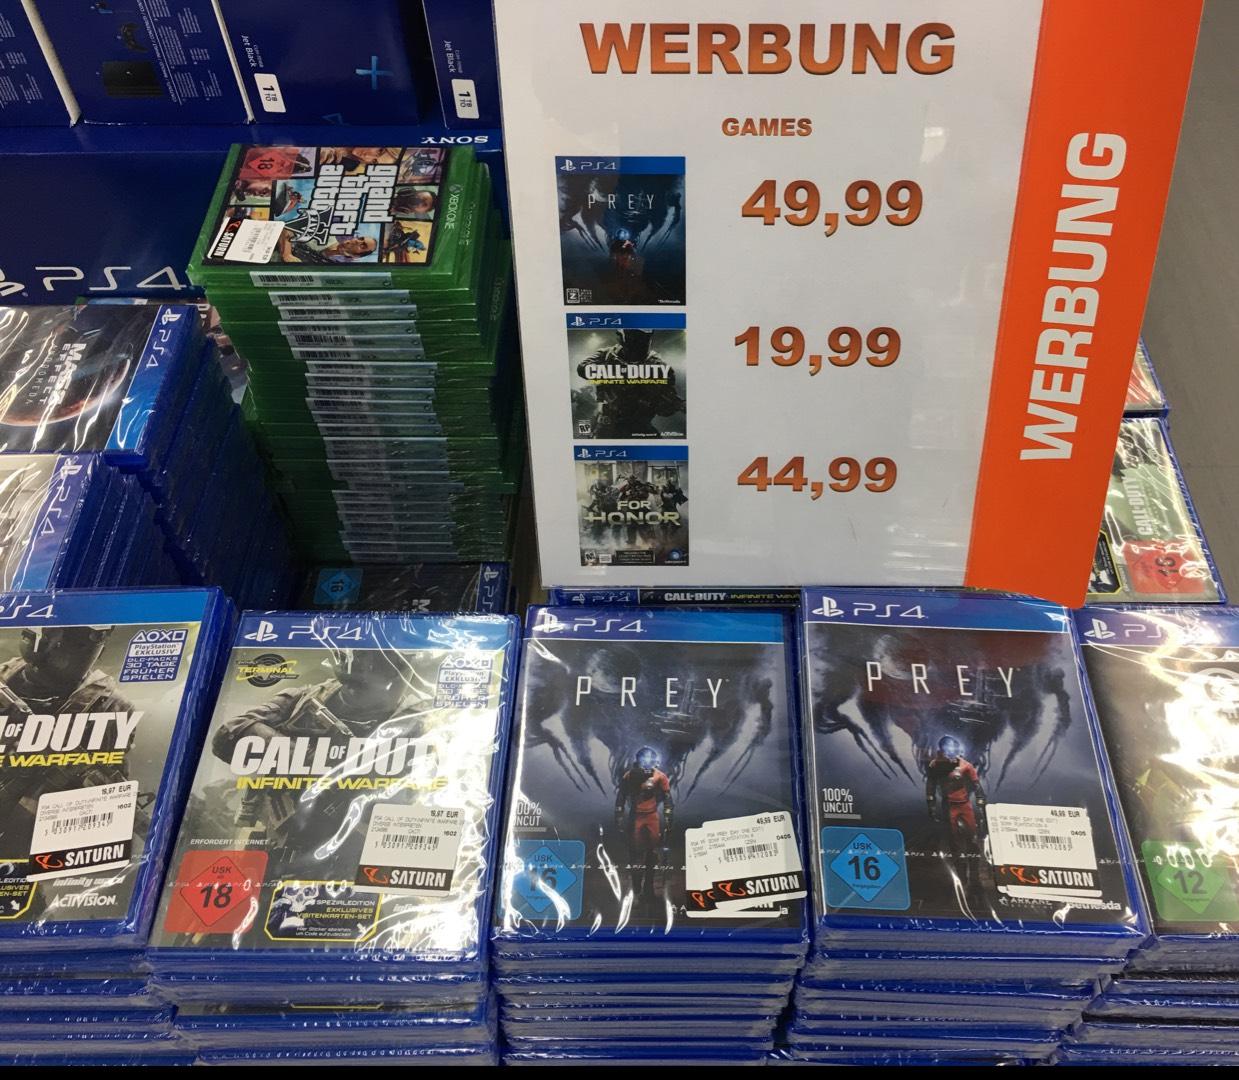 Saturn Leverkusen PS4 Spiel call of Duty Infinite Warfare für 19,99, Prey für 49,99